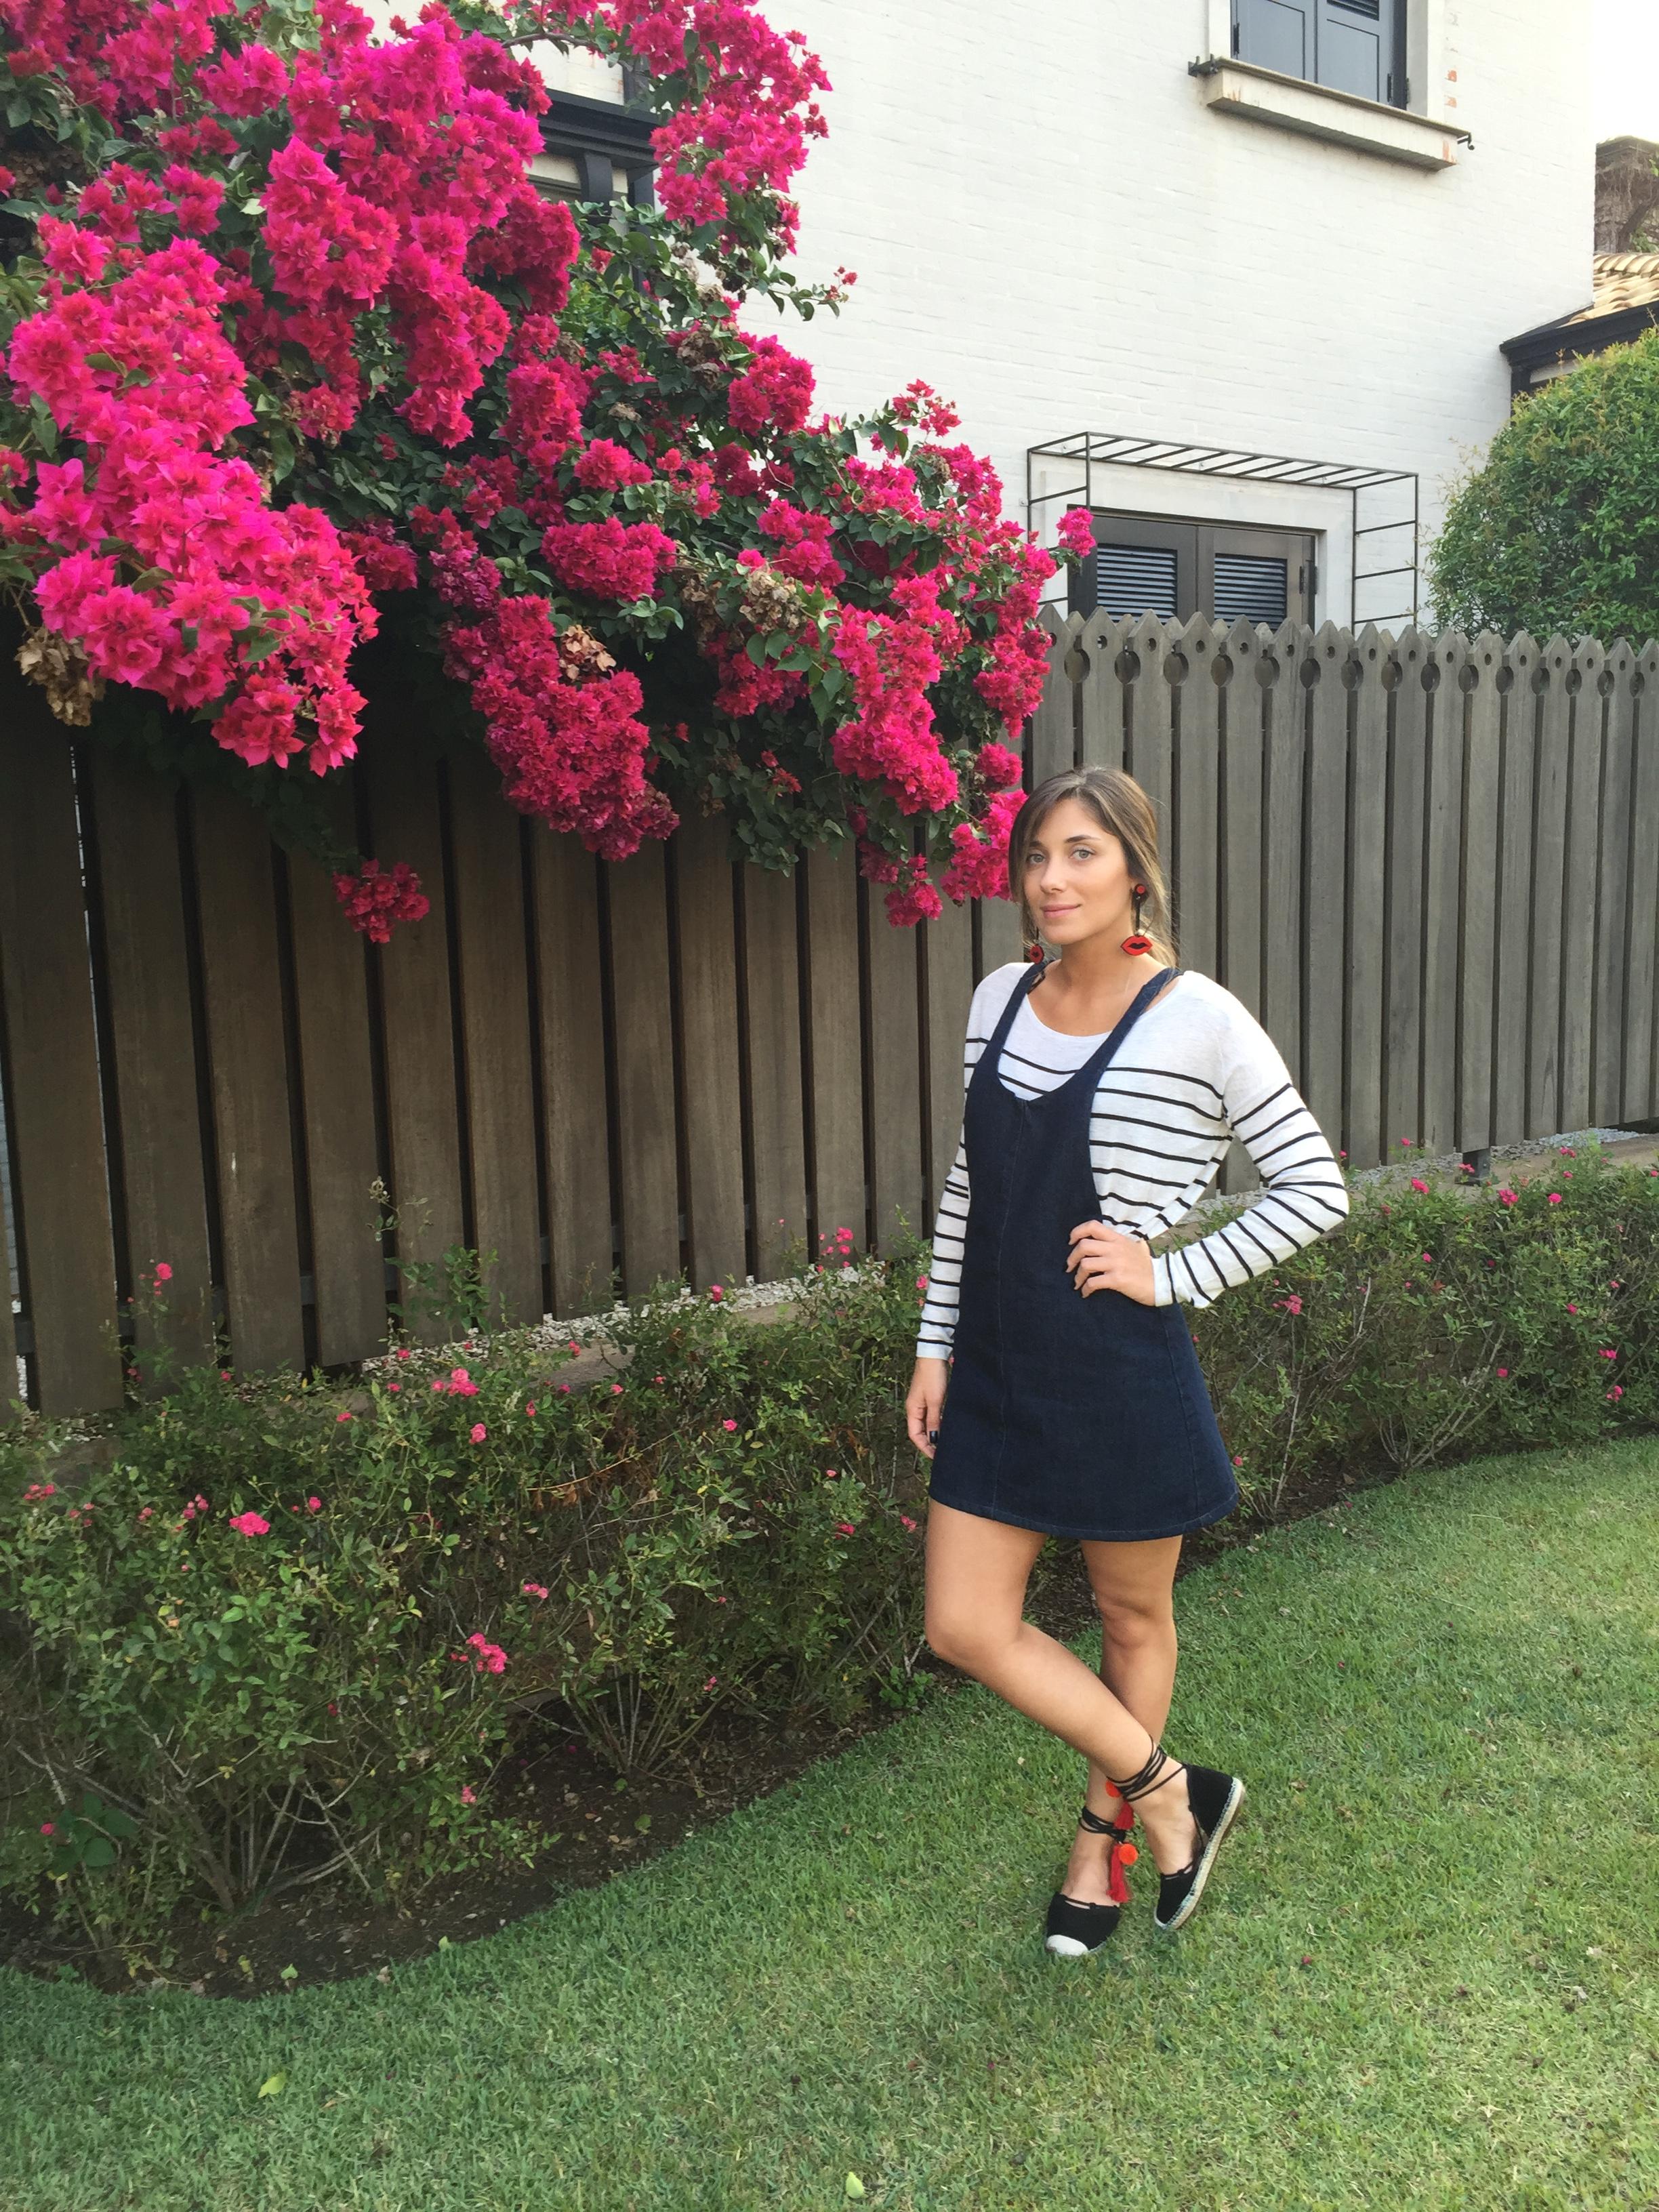 Despojado e charmoso com a jardineira jeans